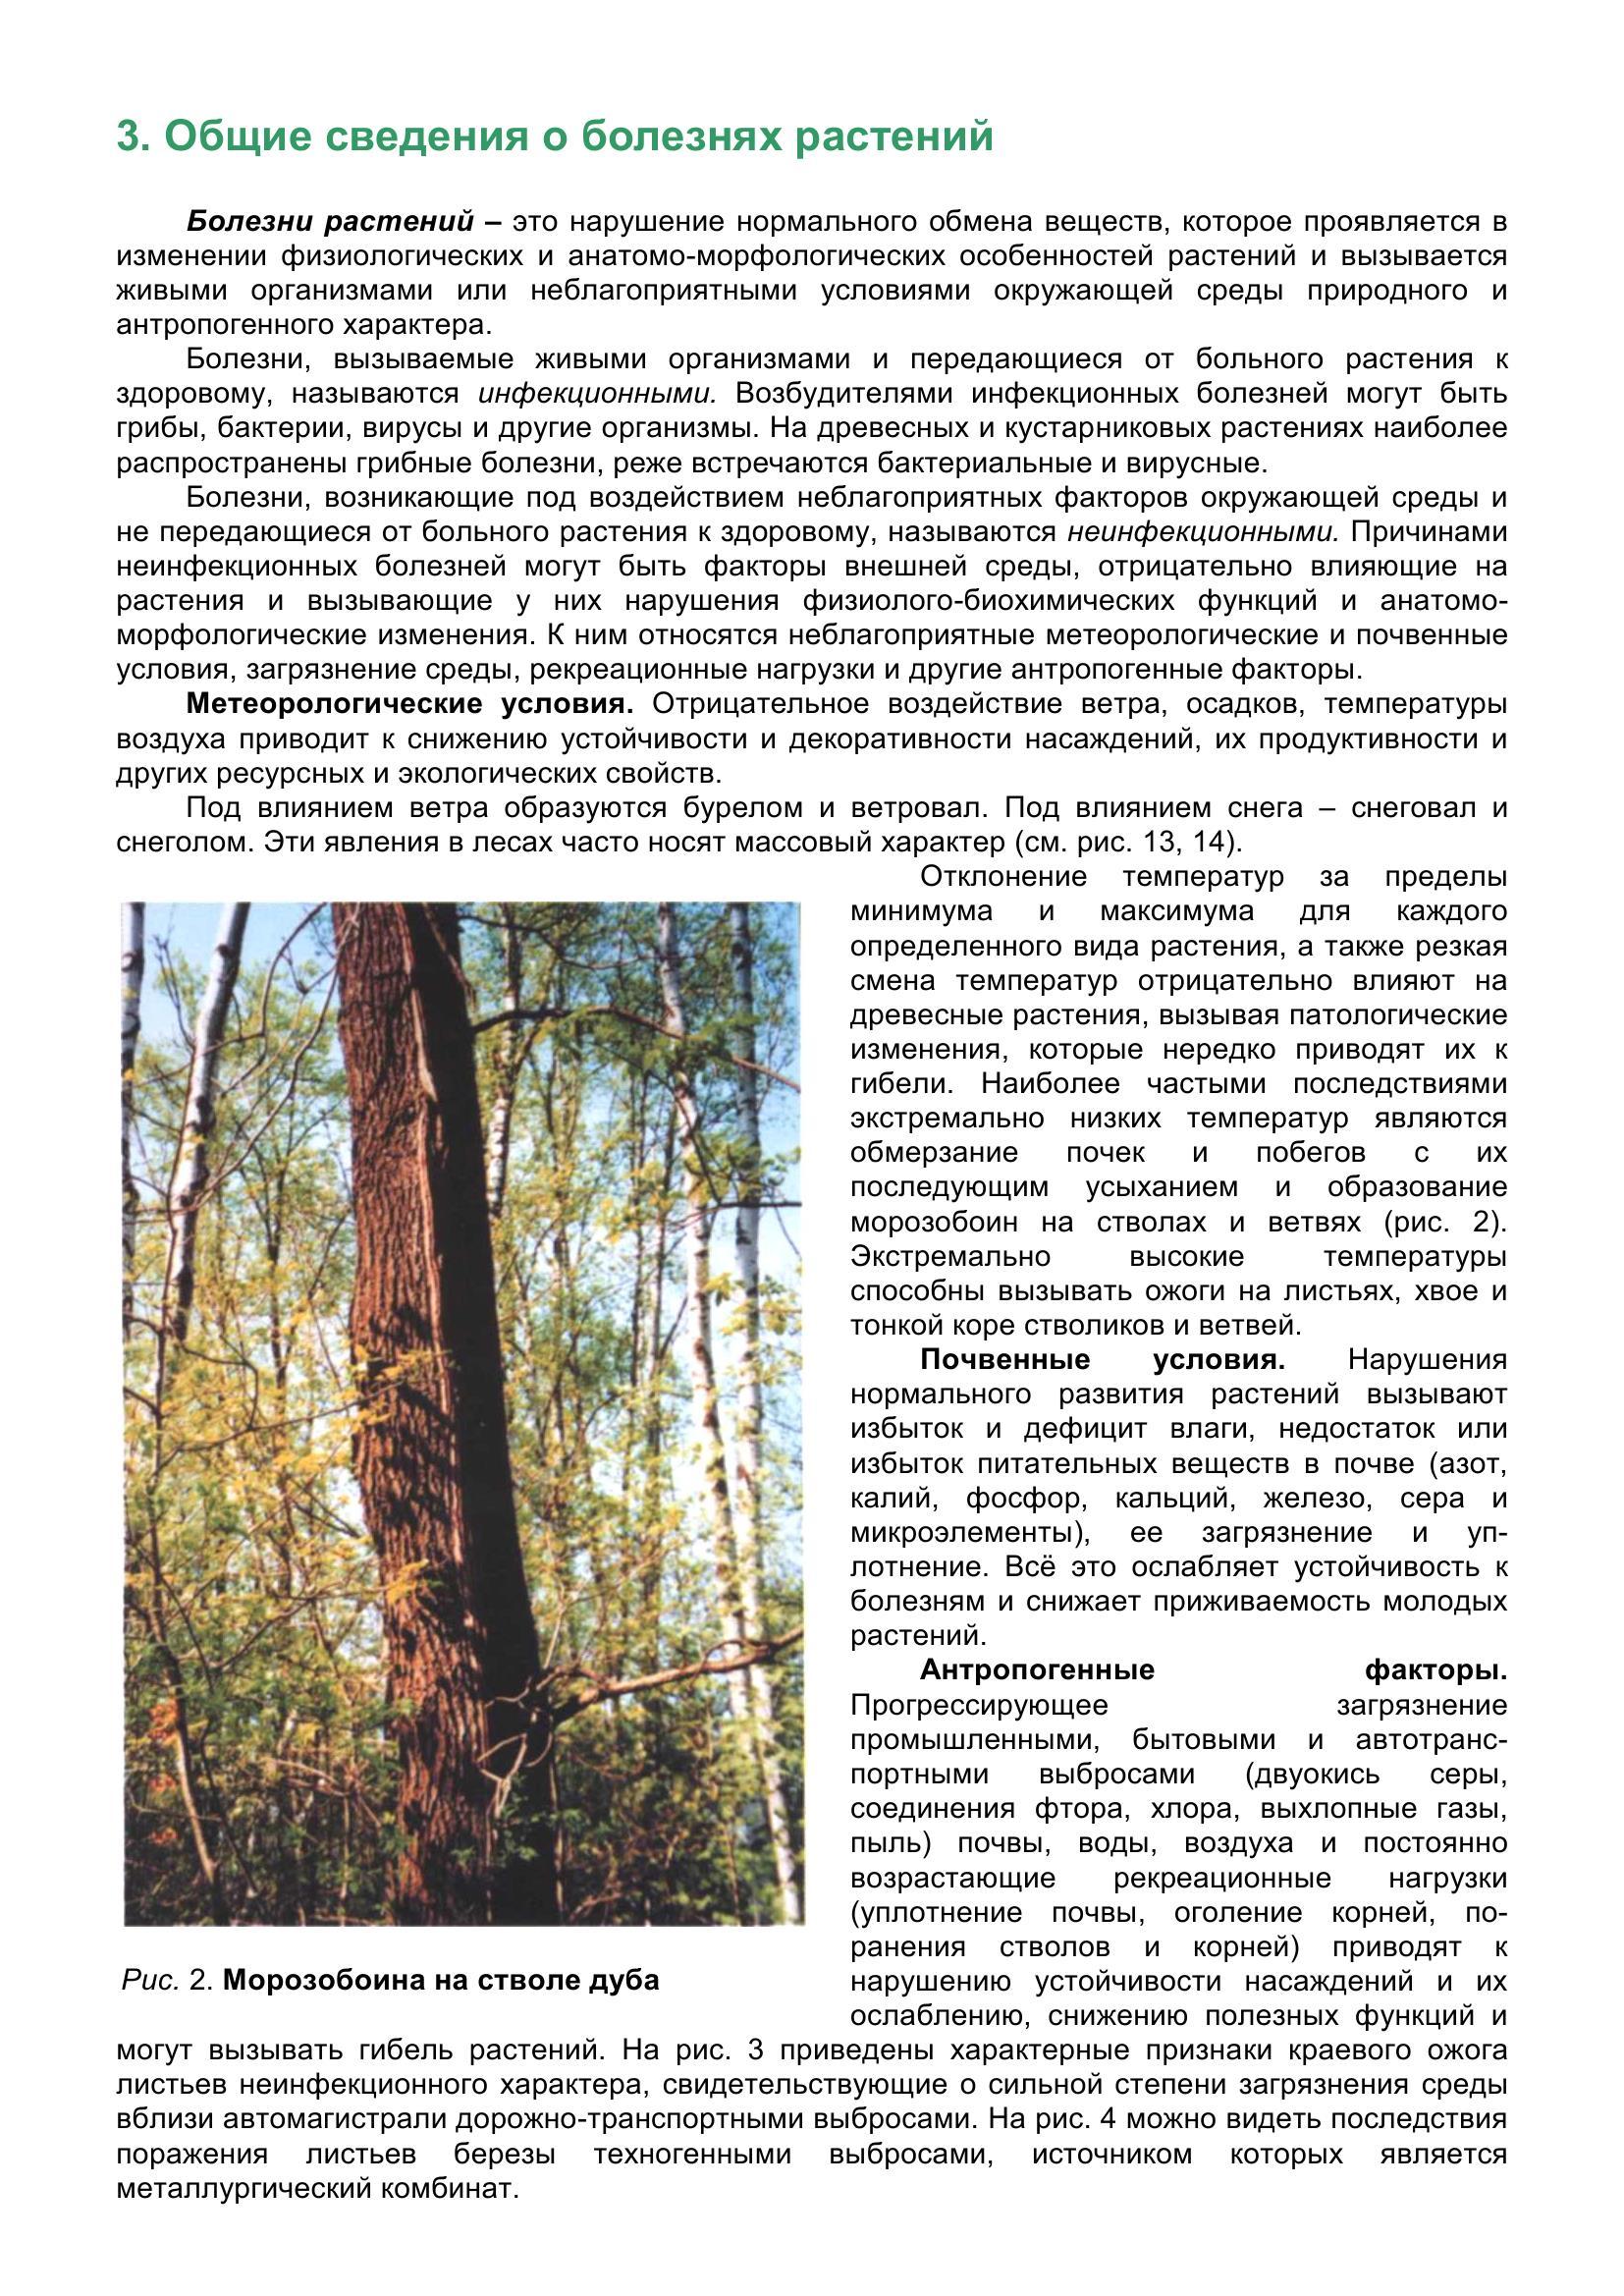 Болезни_древесных_растений_012.jpg